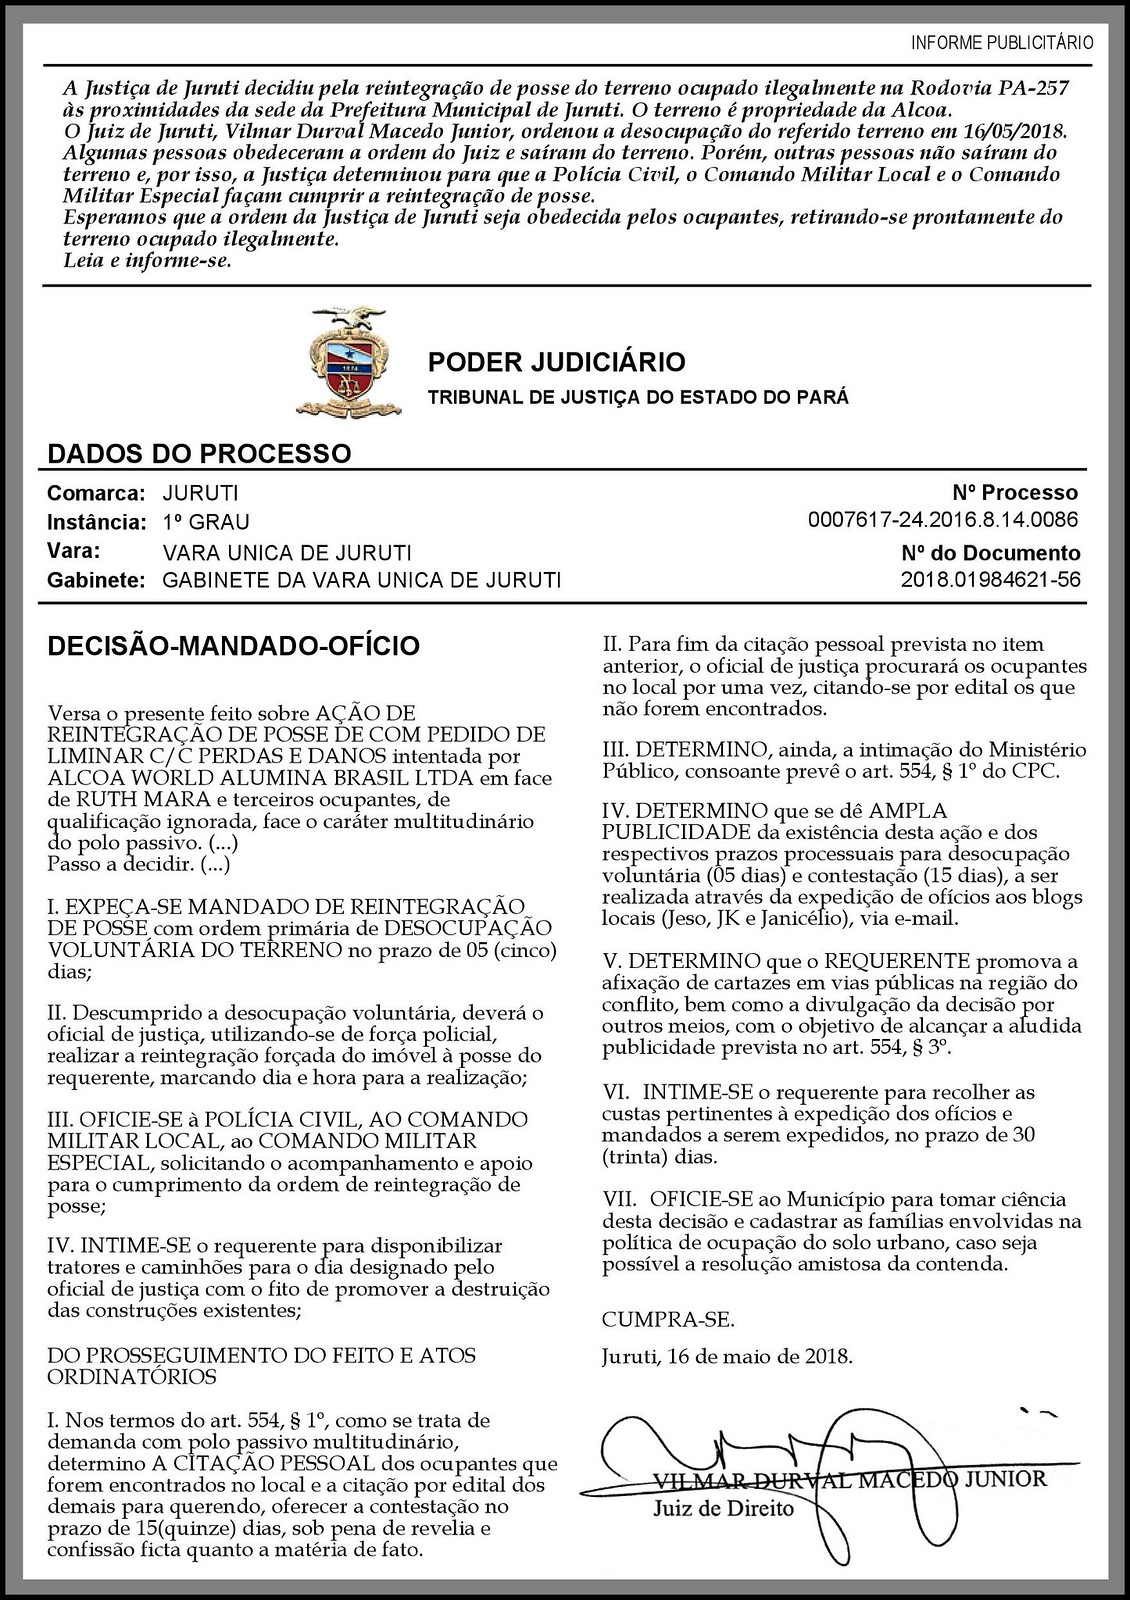 Alcoa obtém reintegração de posse de terreno ocupado em rodovia, Alcoa - decisão judicial